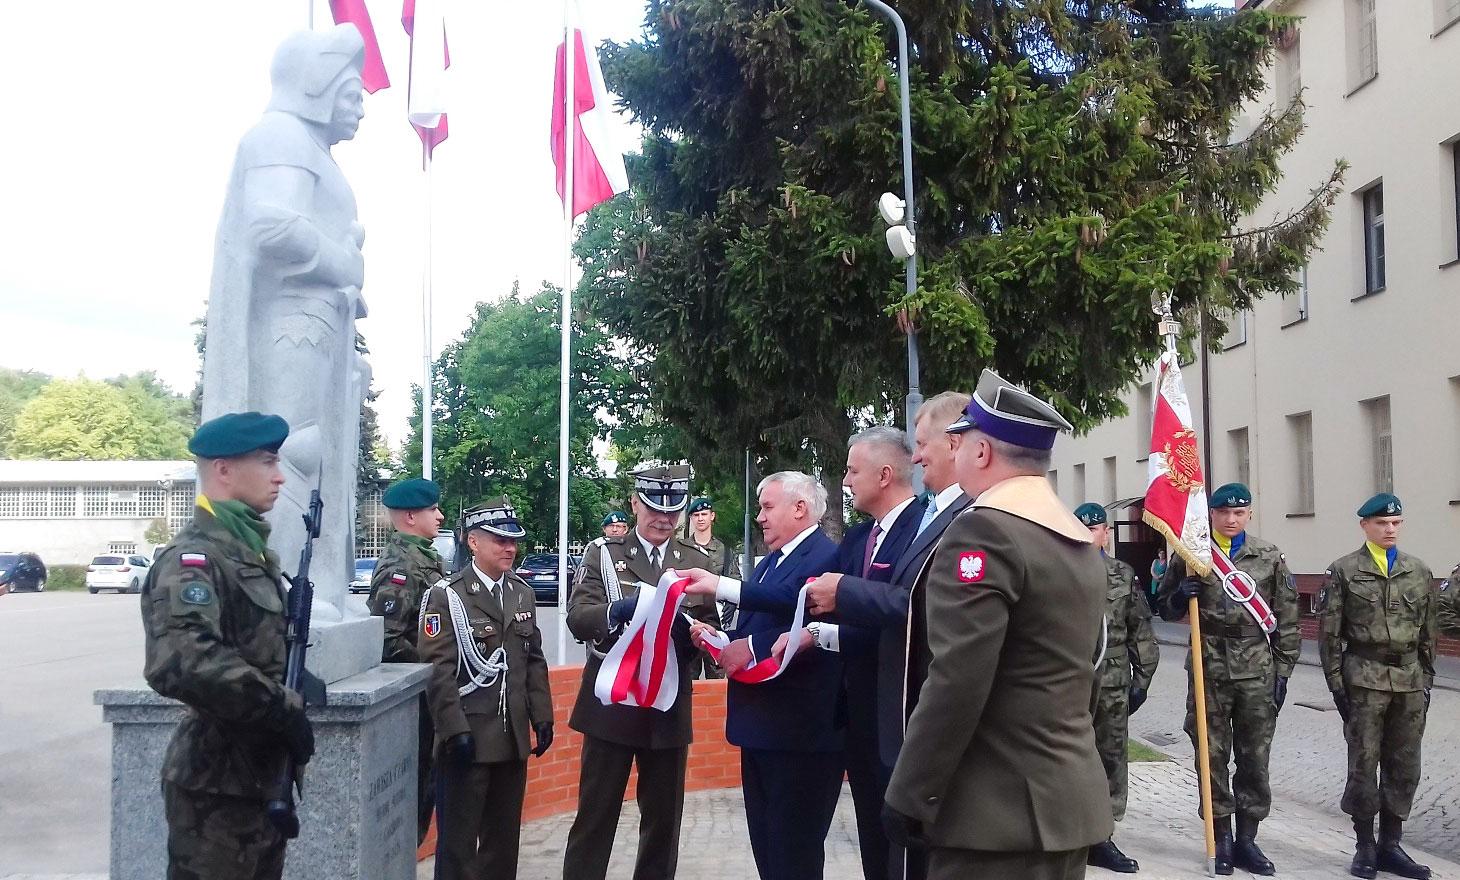 wojsko, Zawisza Czarny, 15. Giżycka Brygada Zmechanizowana, pomnik, odsłonięcie